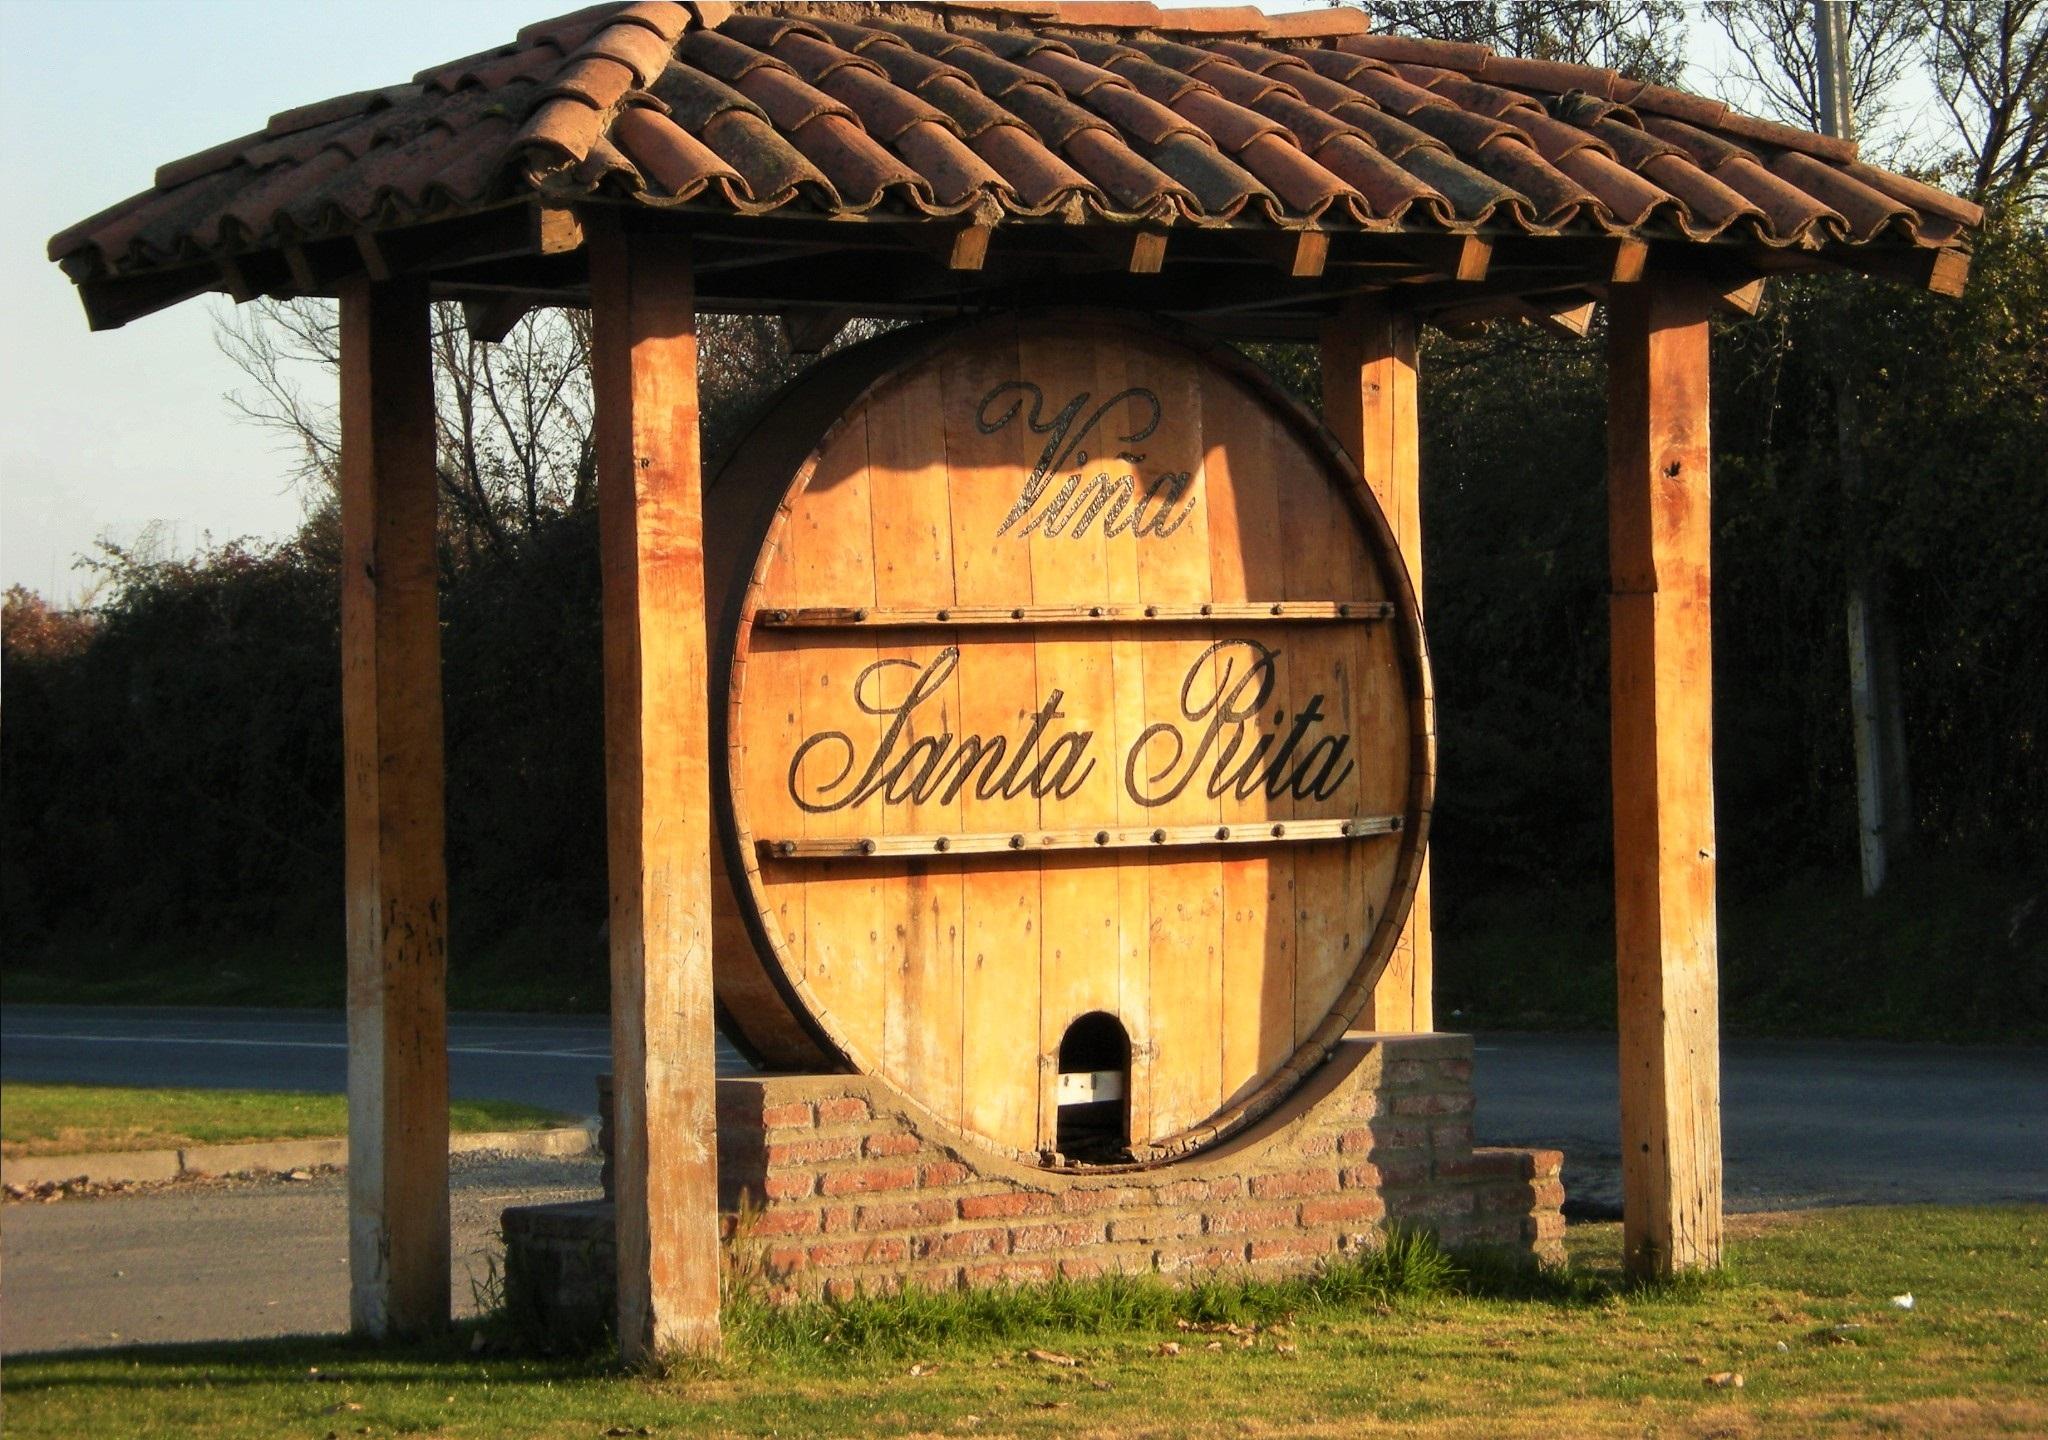 Vinicola-Santa-Rita-Entrada